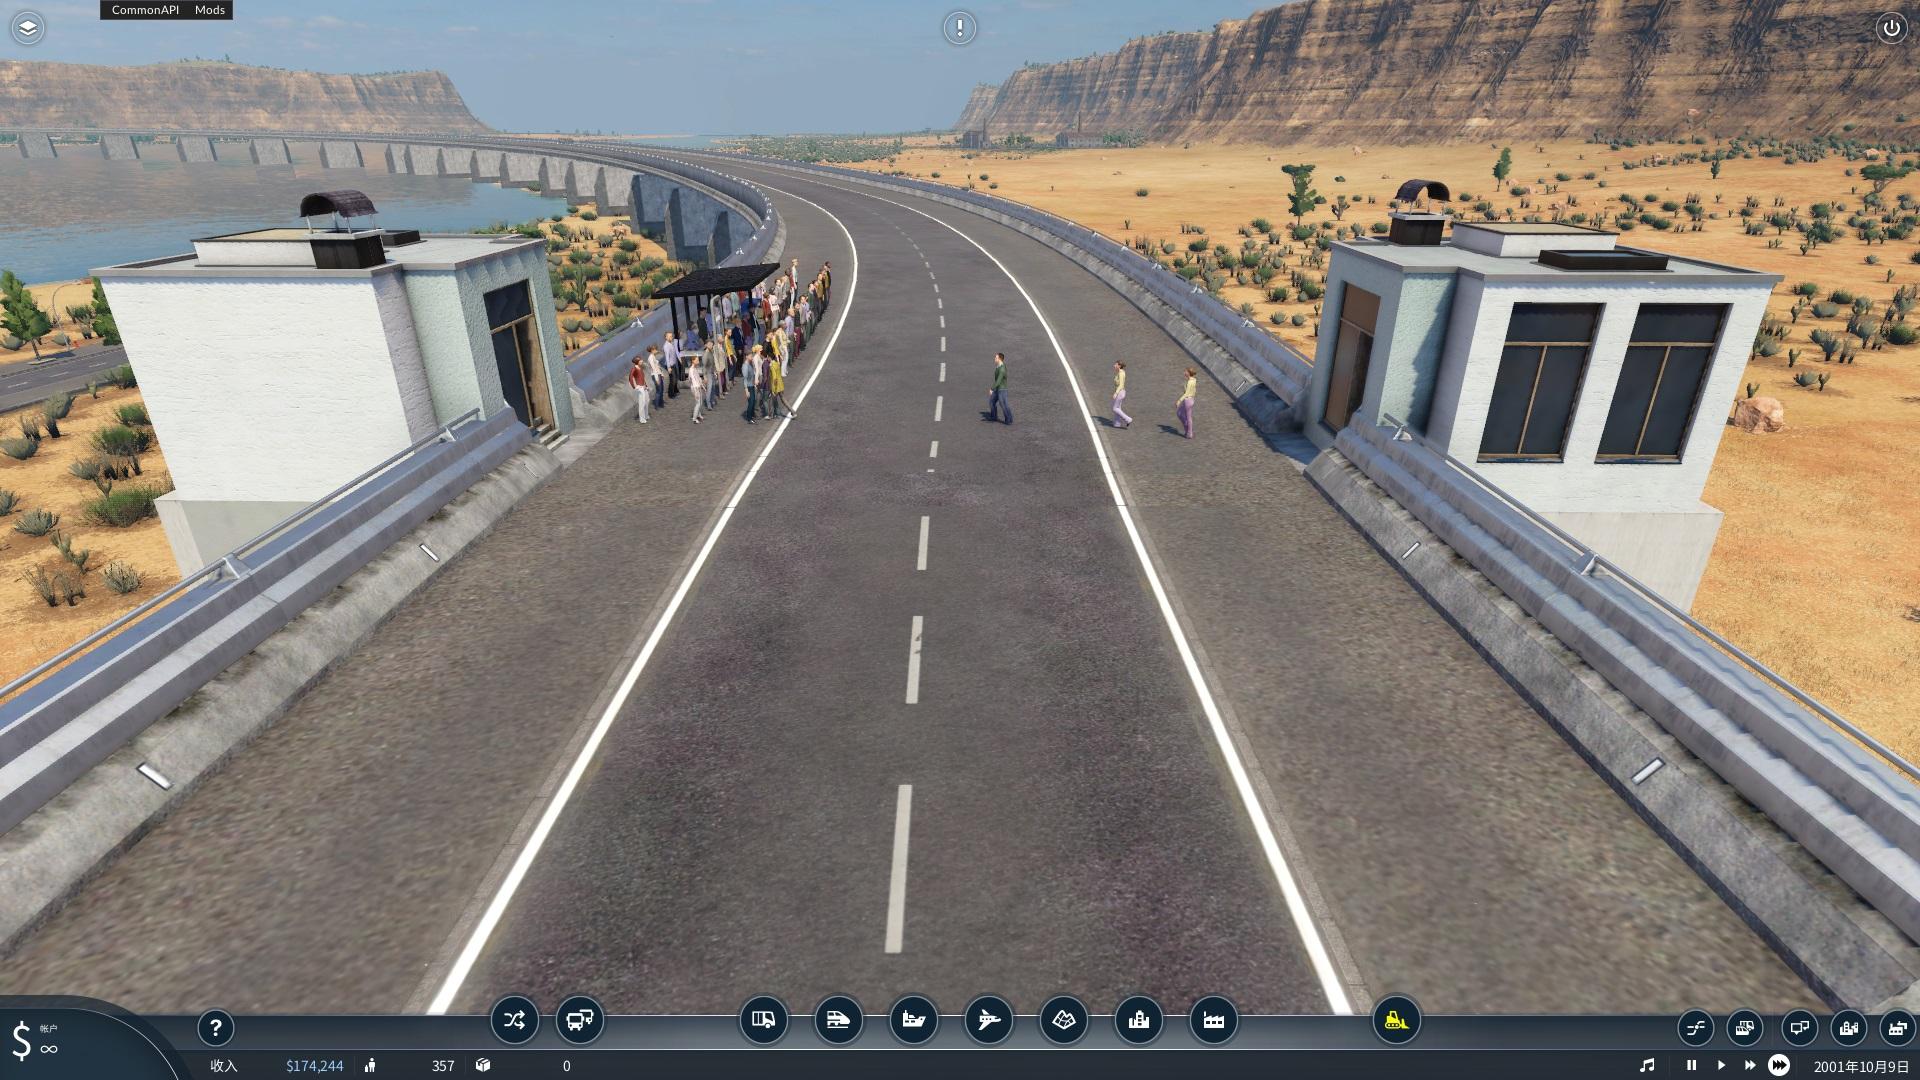 Transport Fever 2 - Elevator for Road Bridges and Tunnels